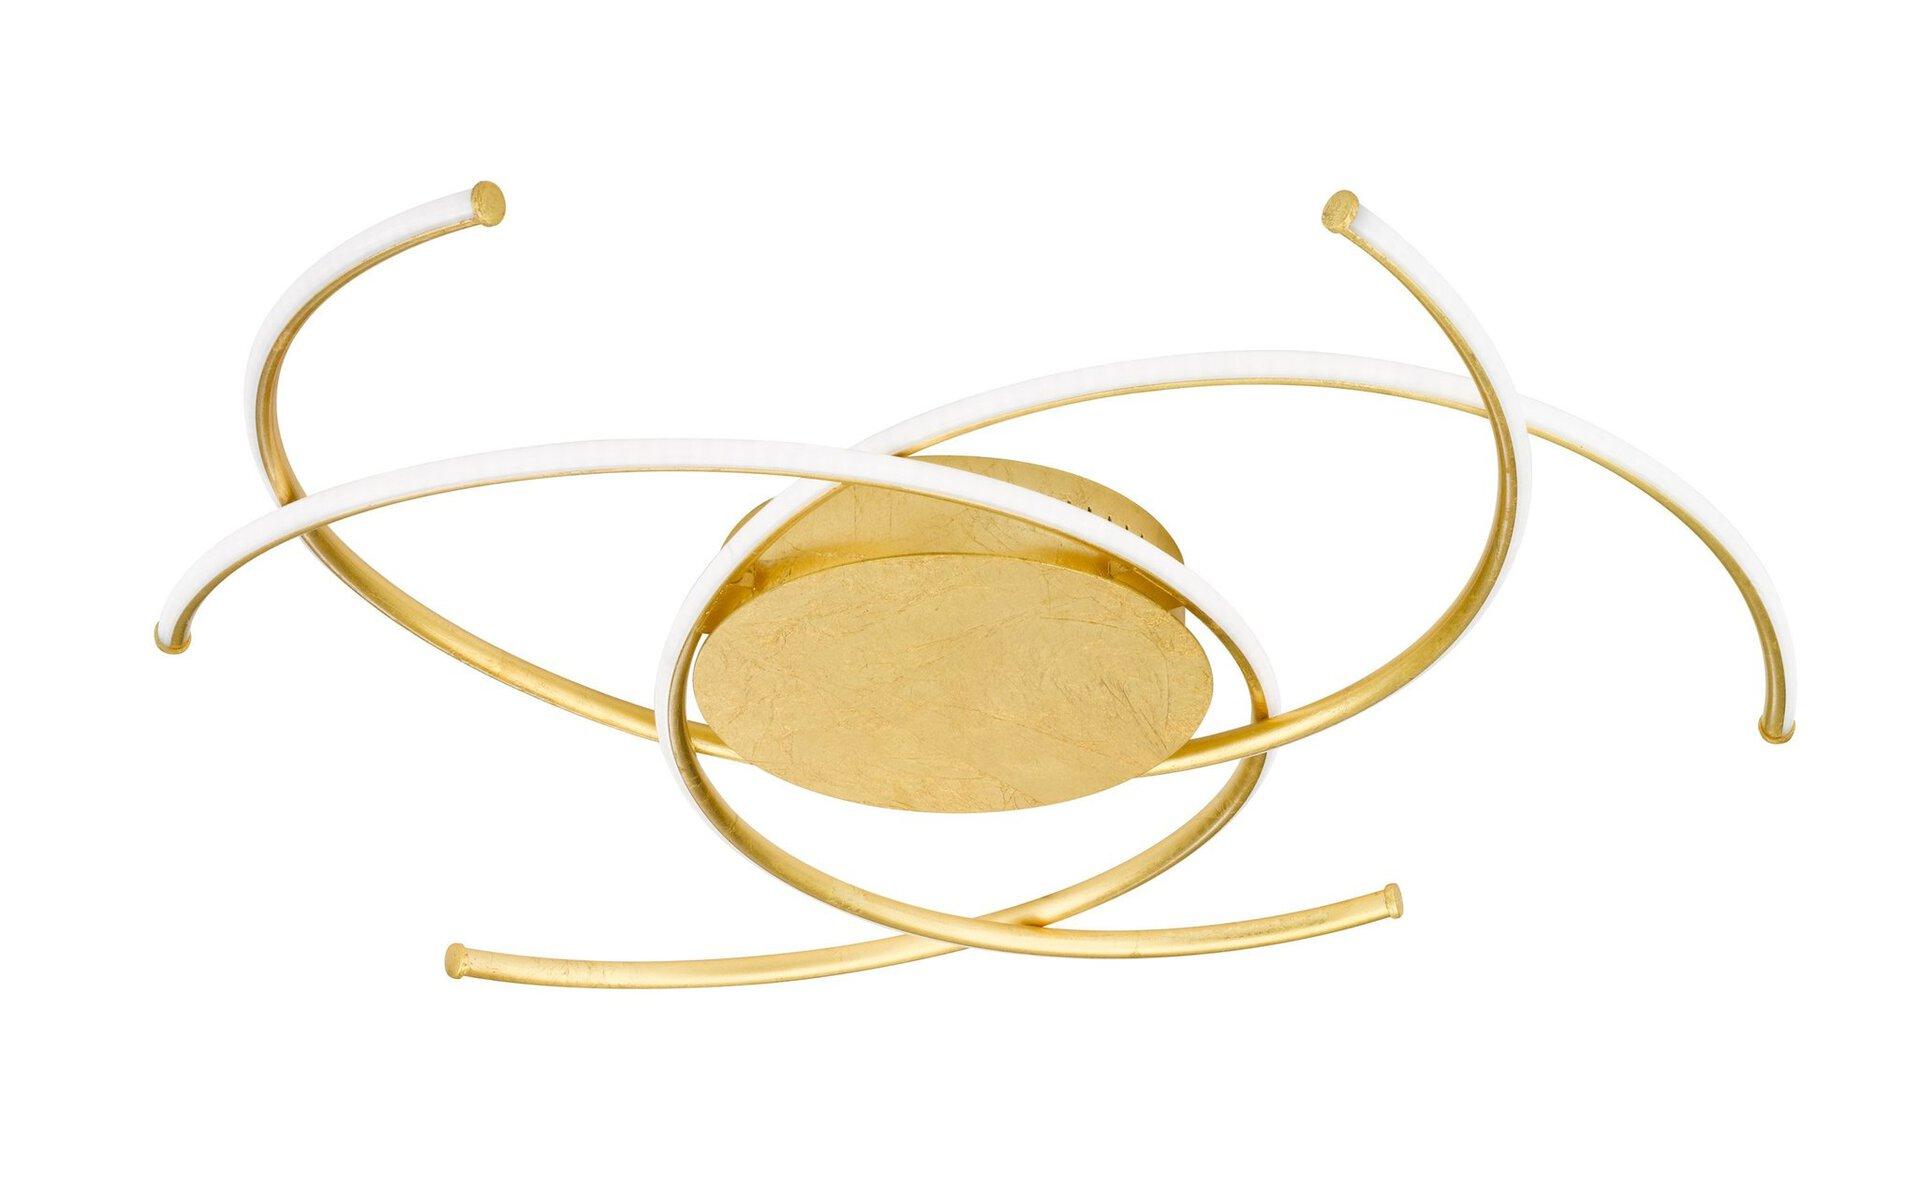 Deckenleuchte Juls Wofi Leuchten Metall gold 72 x 16 x 72 cm